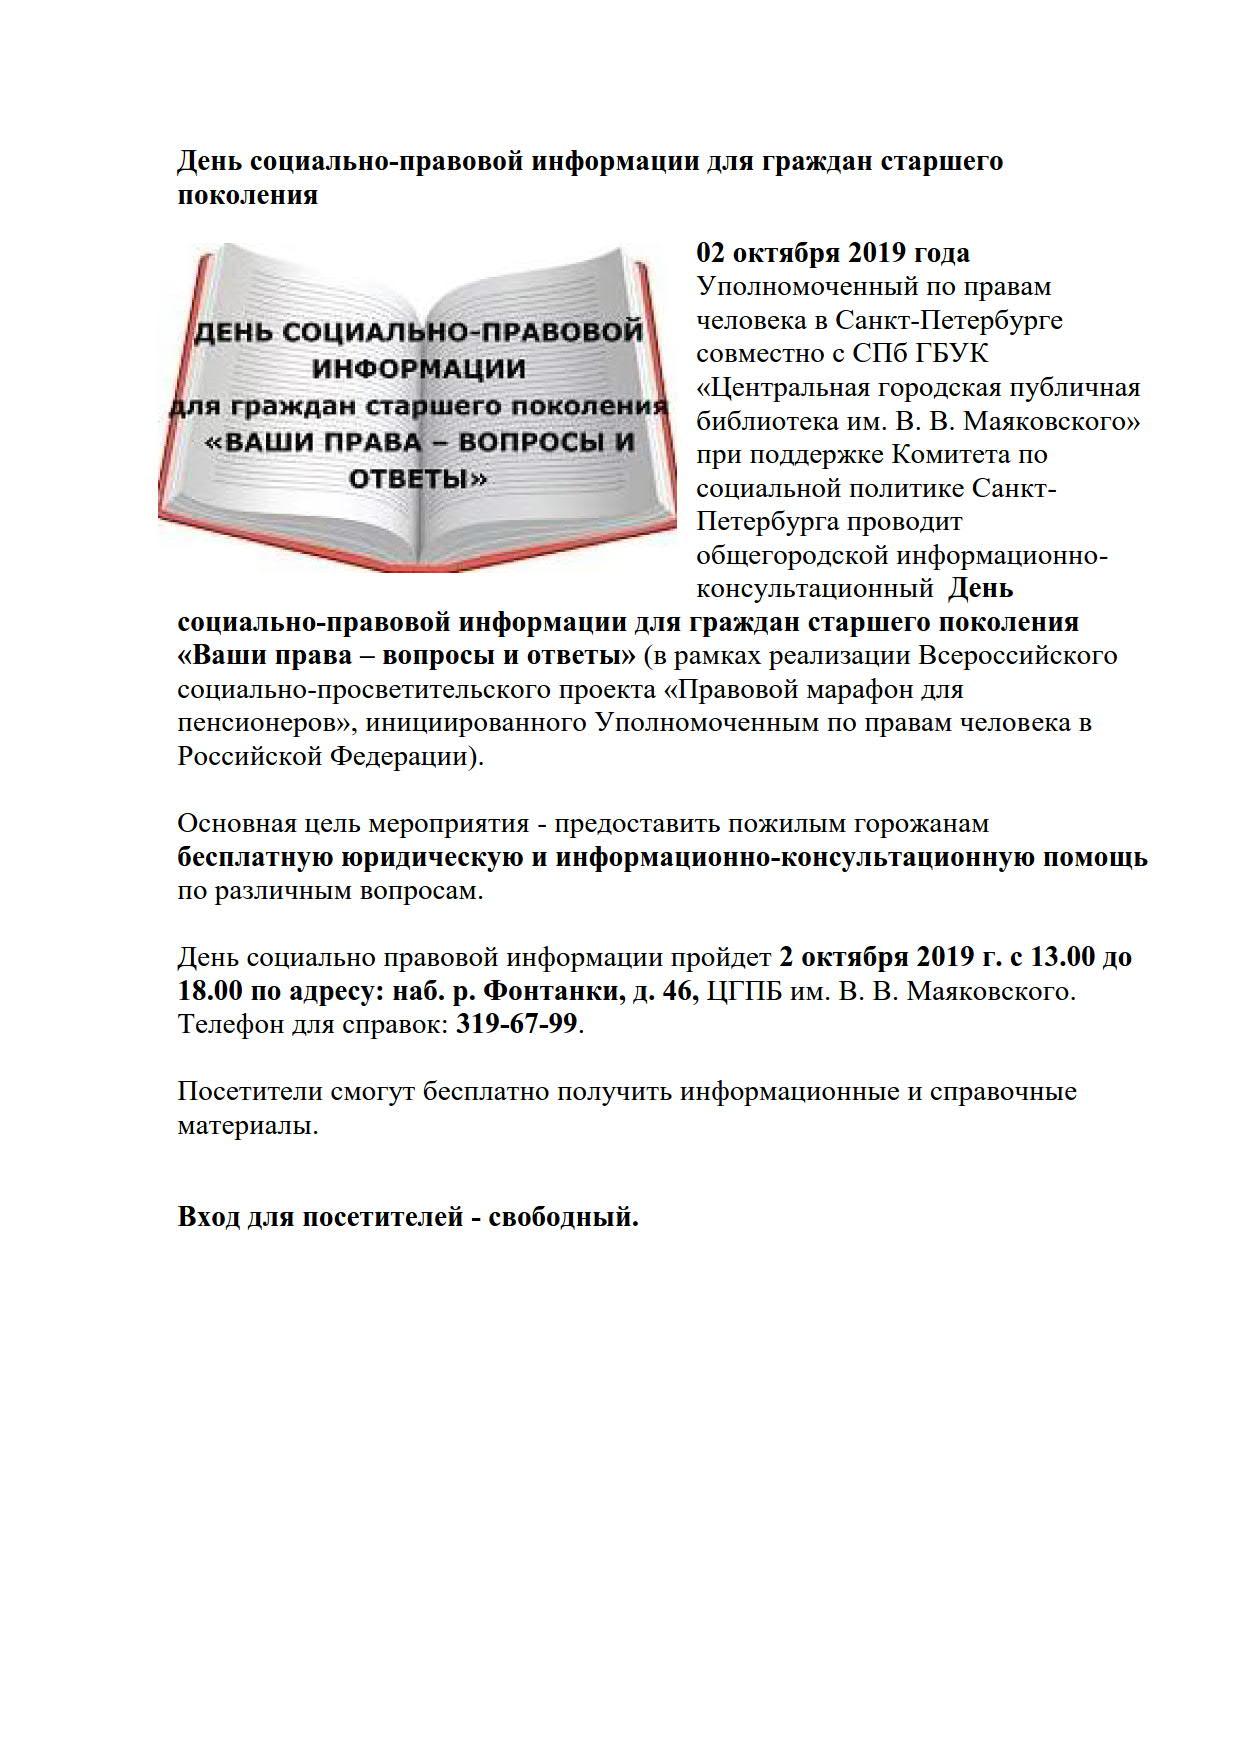 Ваши права.docx_1